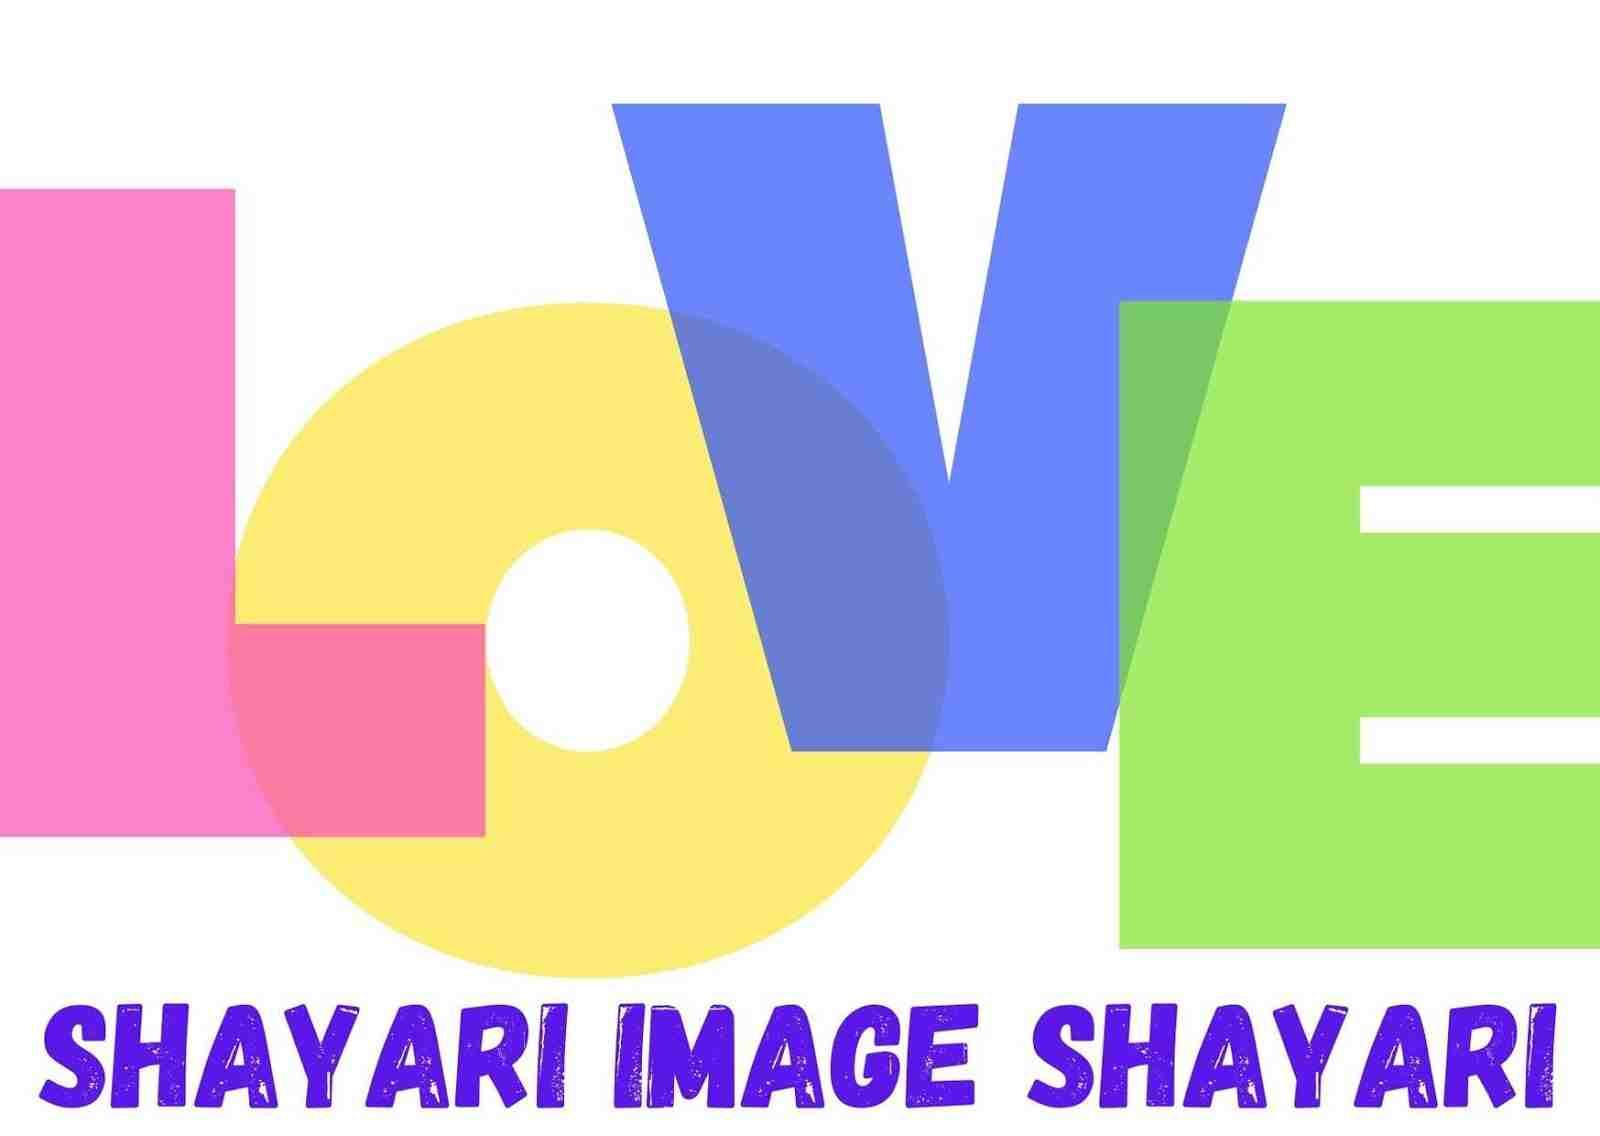 Love Shayari Image Shayari